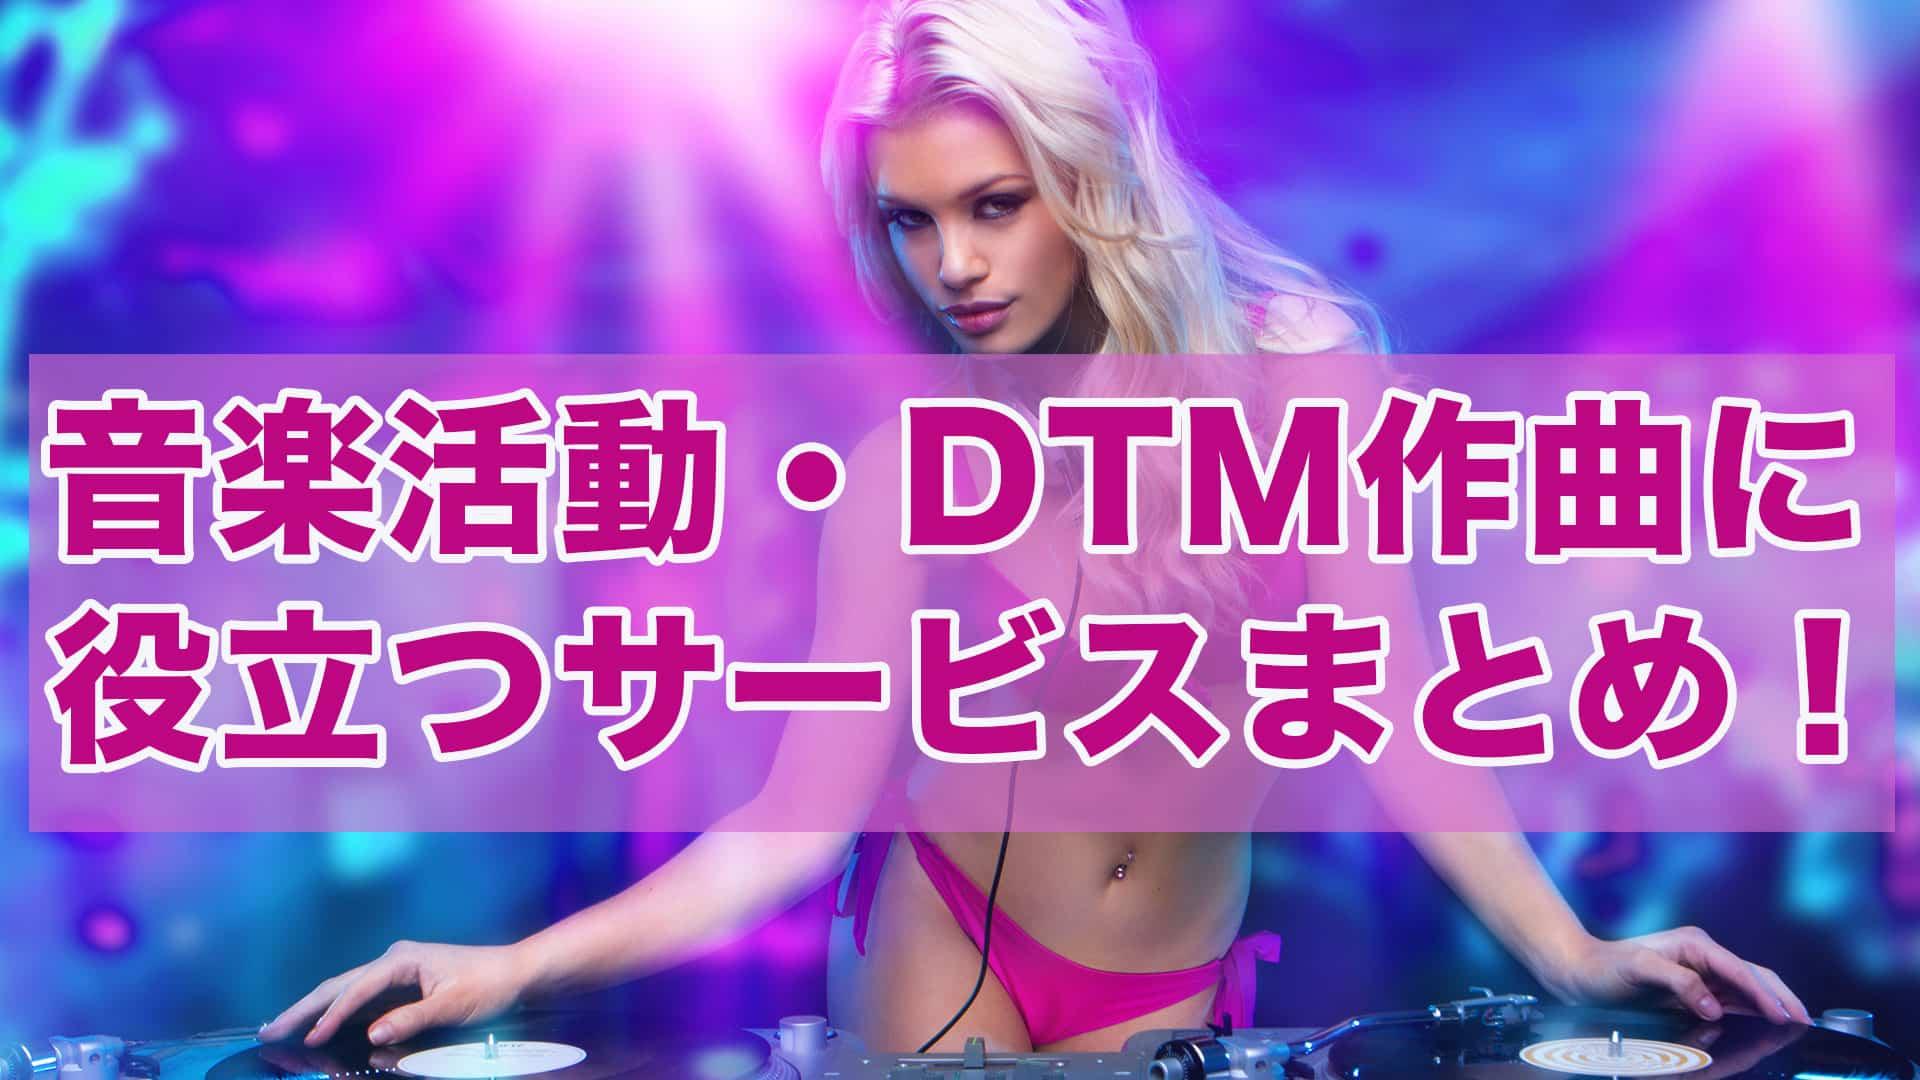 音楽活動・DTM作曲活動にきっと役立つサービスまとめ!